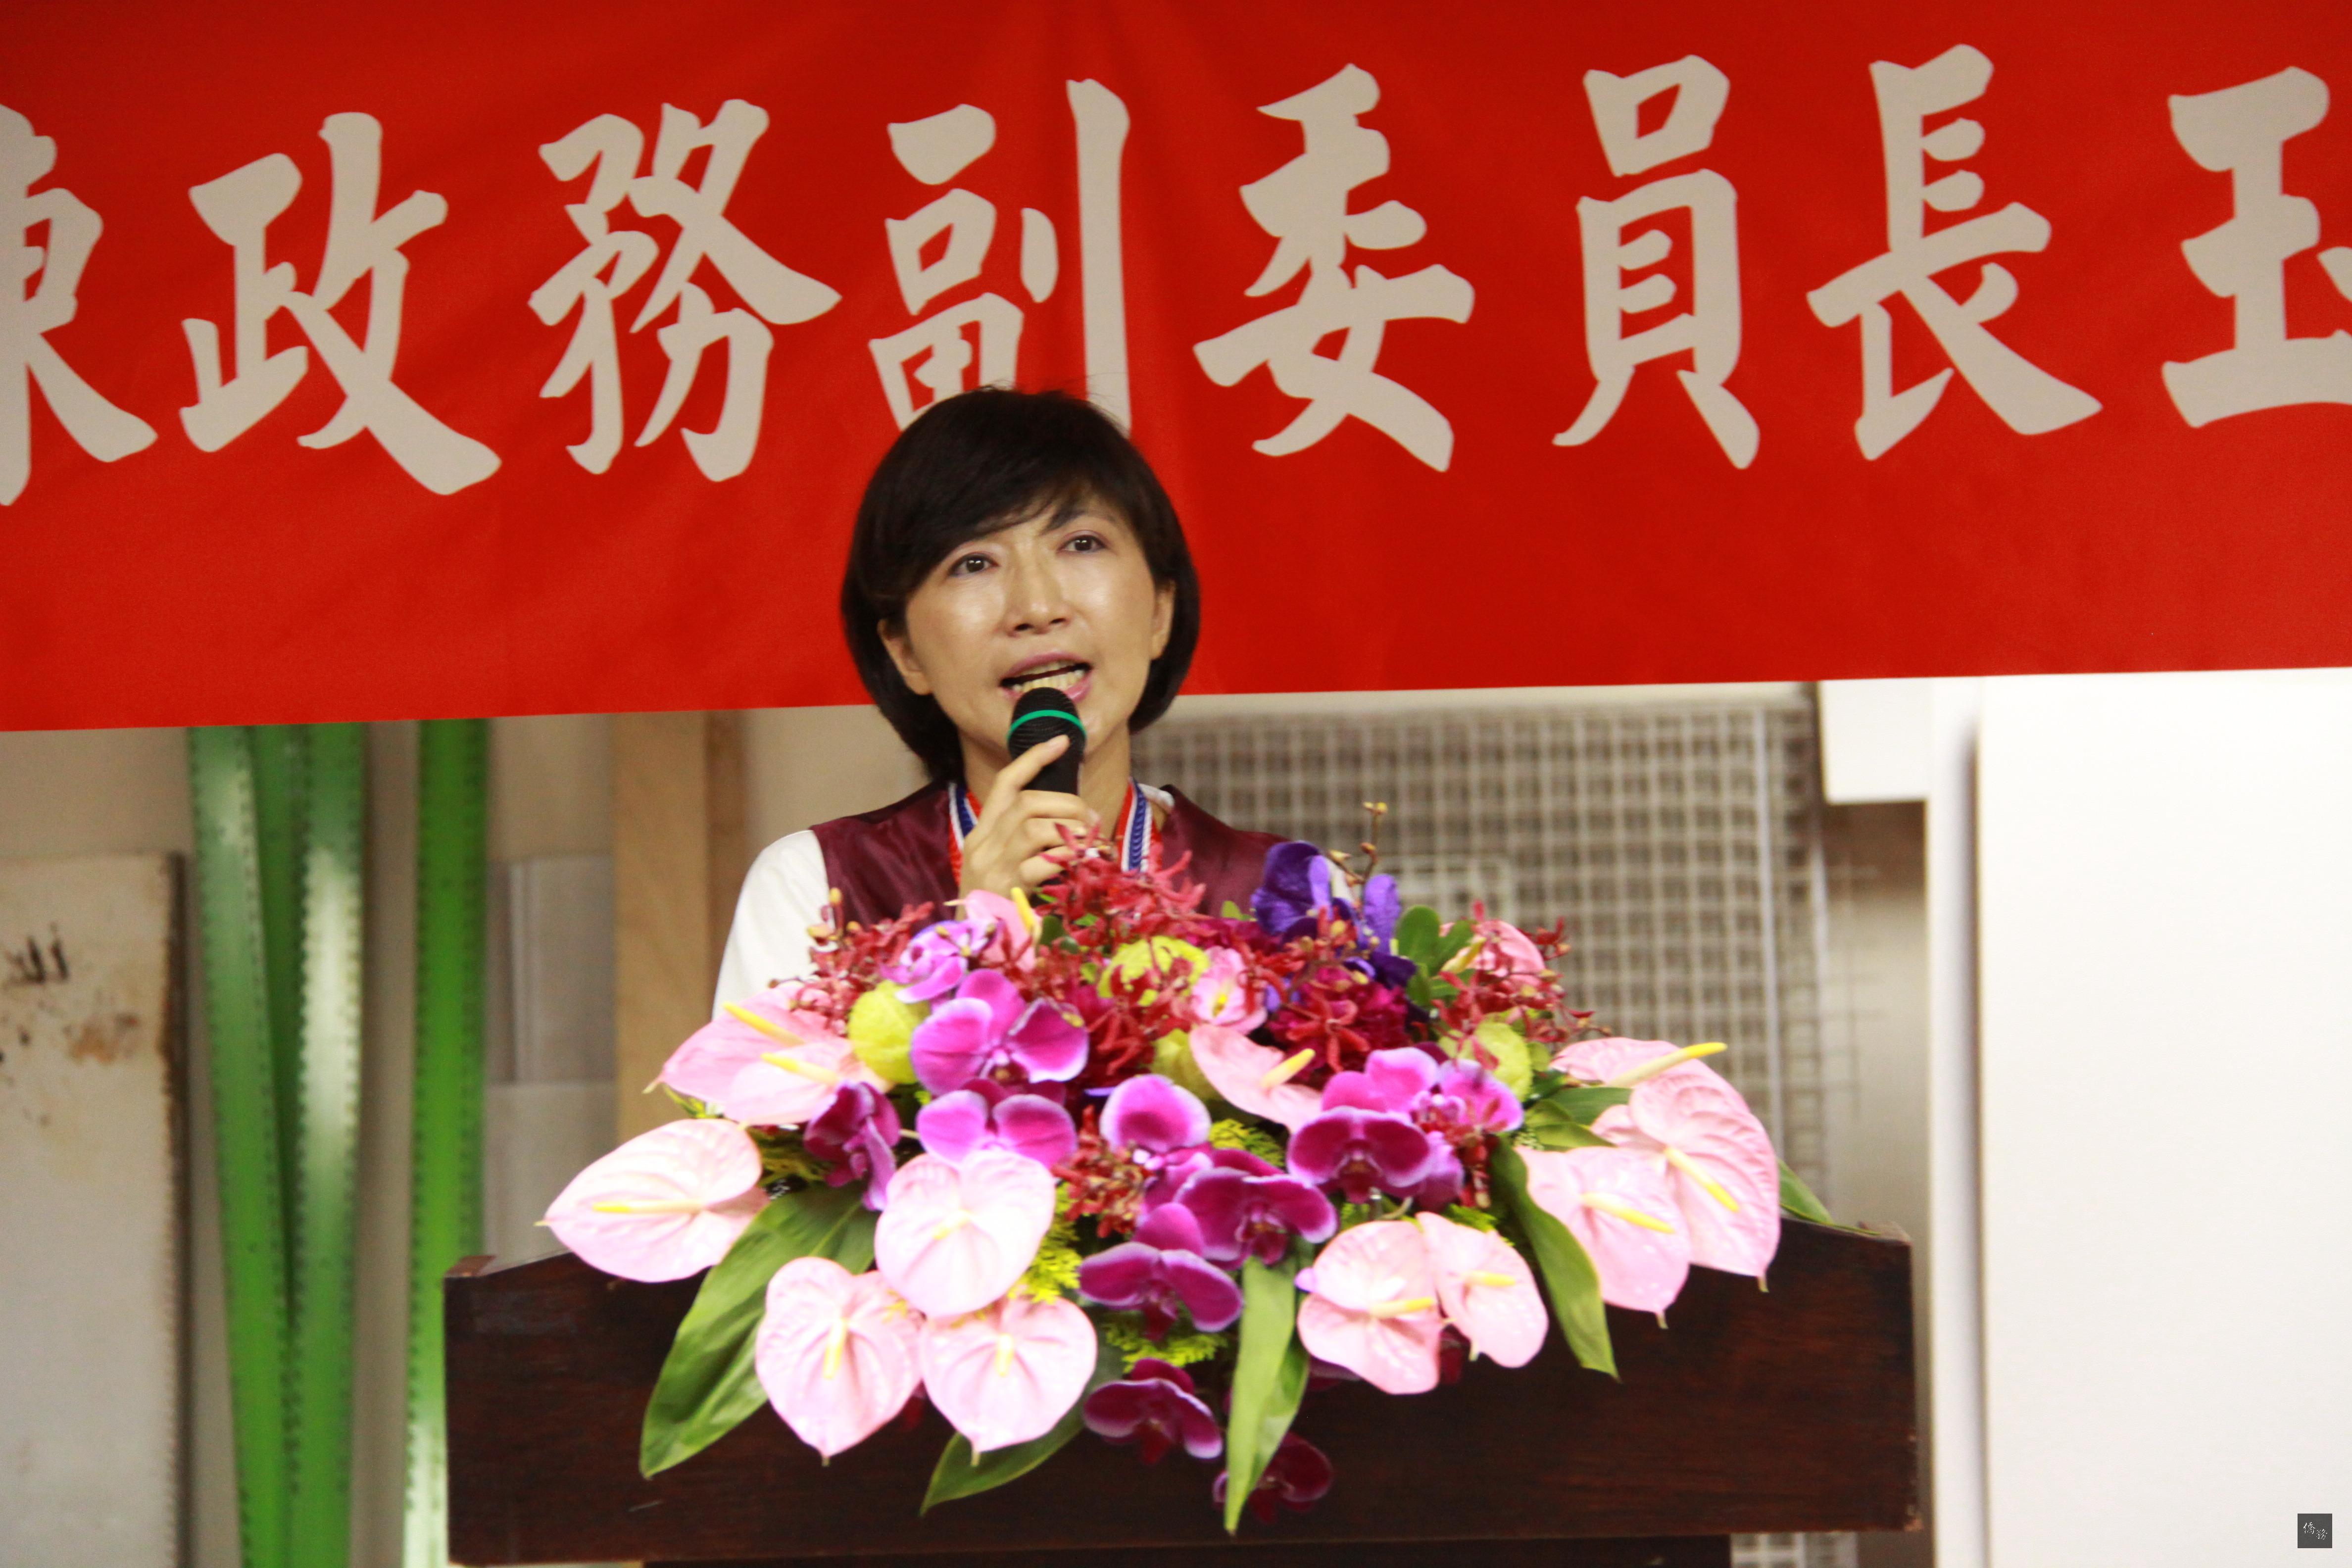 僑委會副委員長陳玉梅感謝大家對她的肯定。